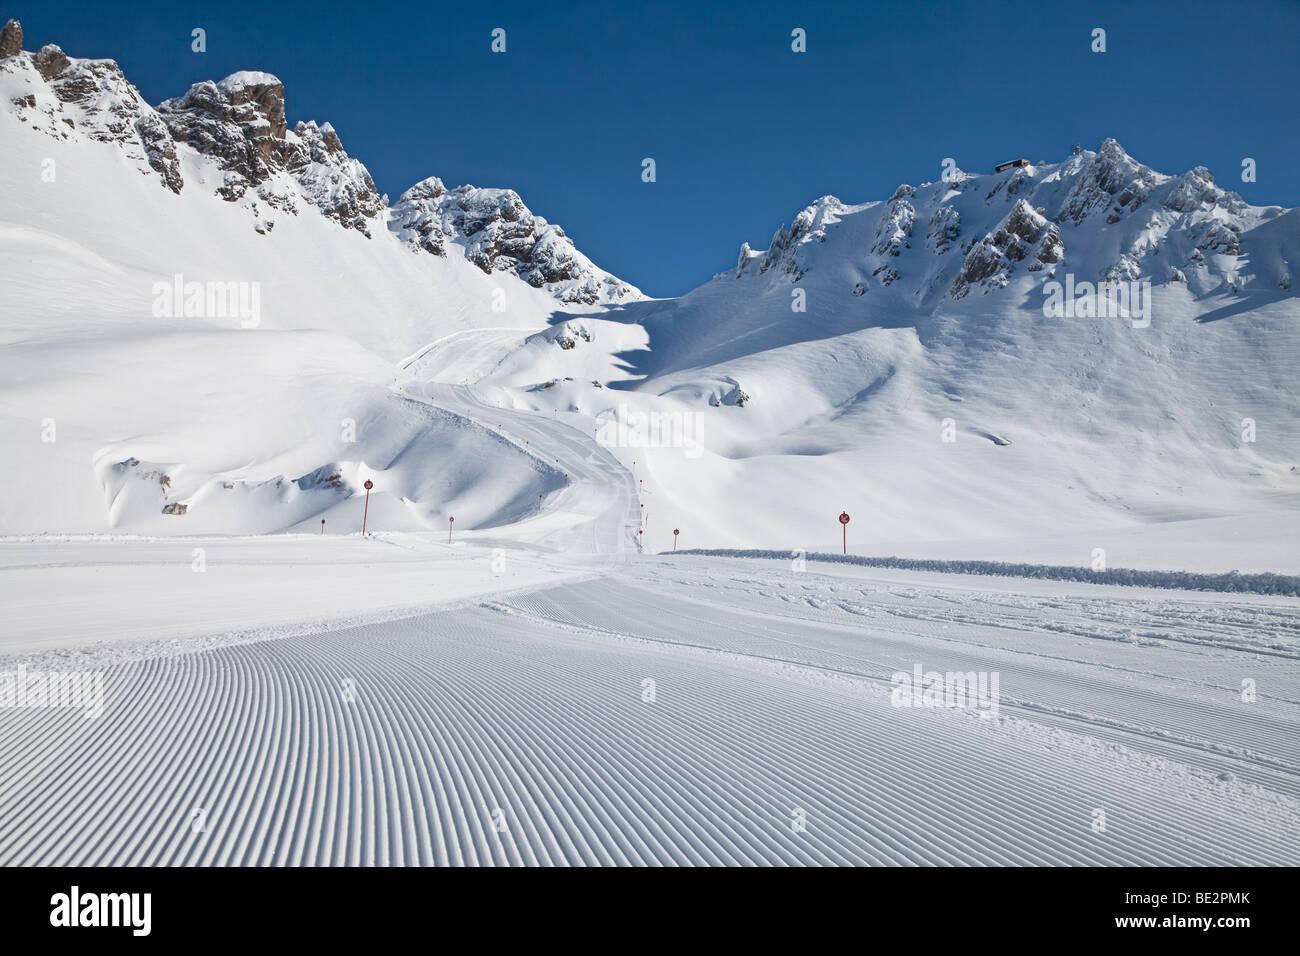 Europe, Austria, Tirol. St. Anton am Arlberg, newly groomed piste - Stock Image